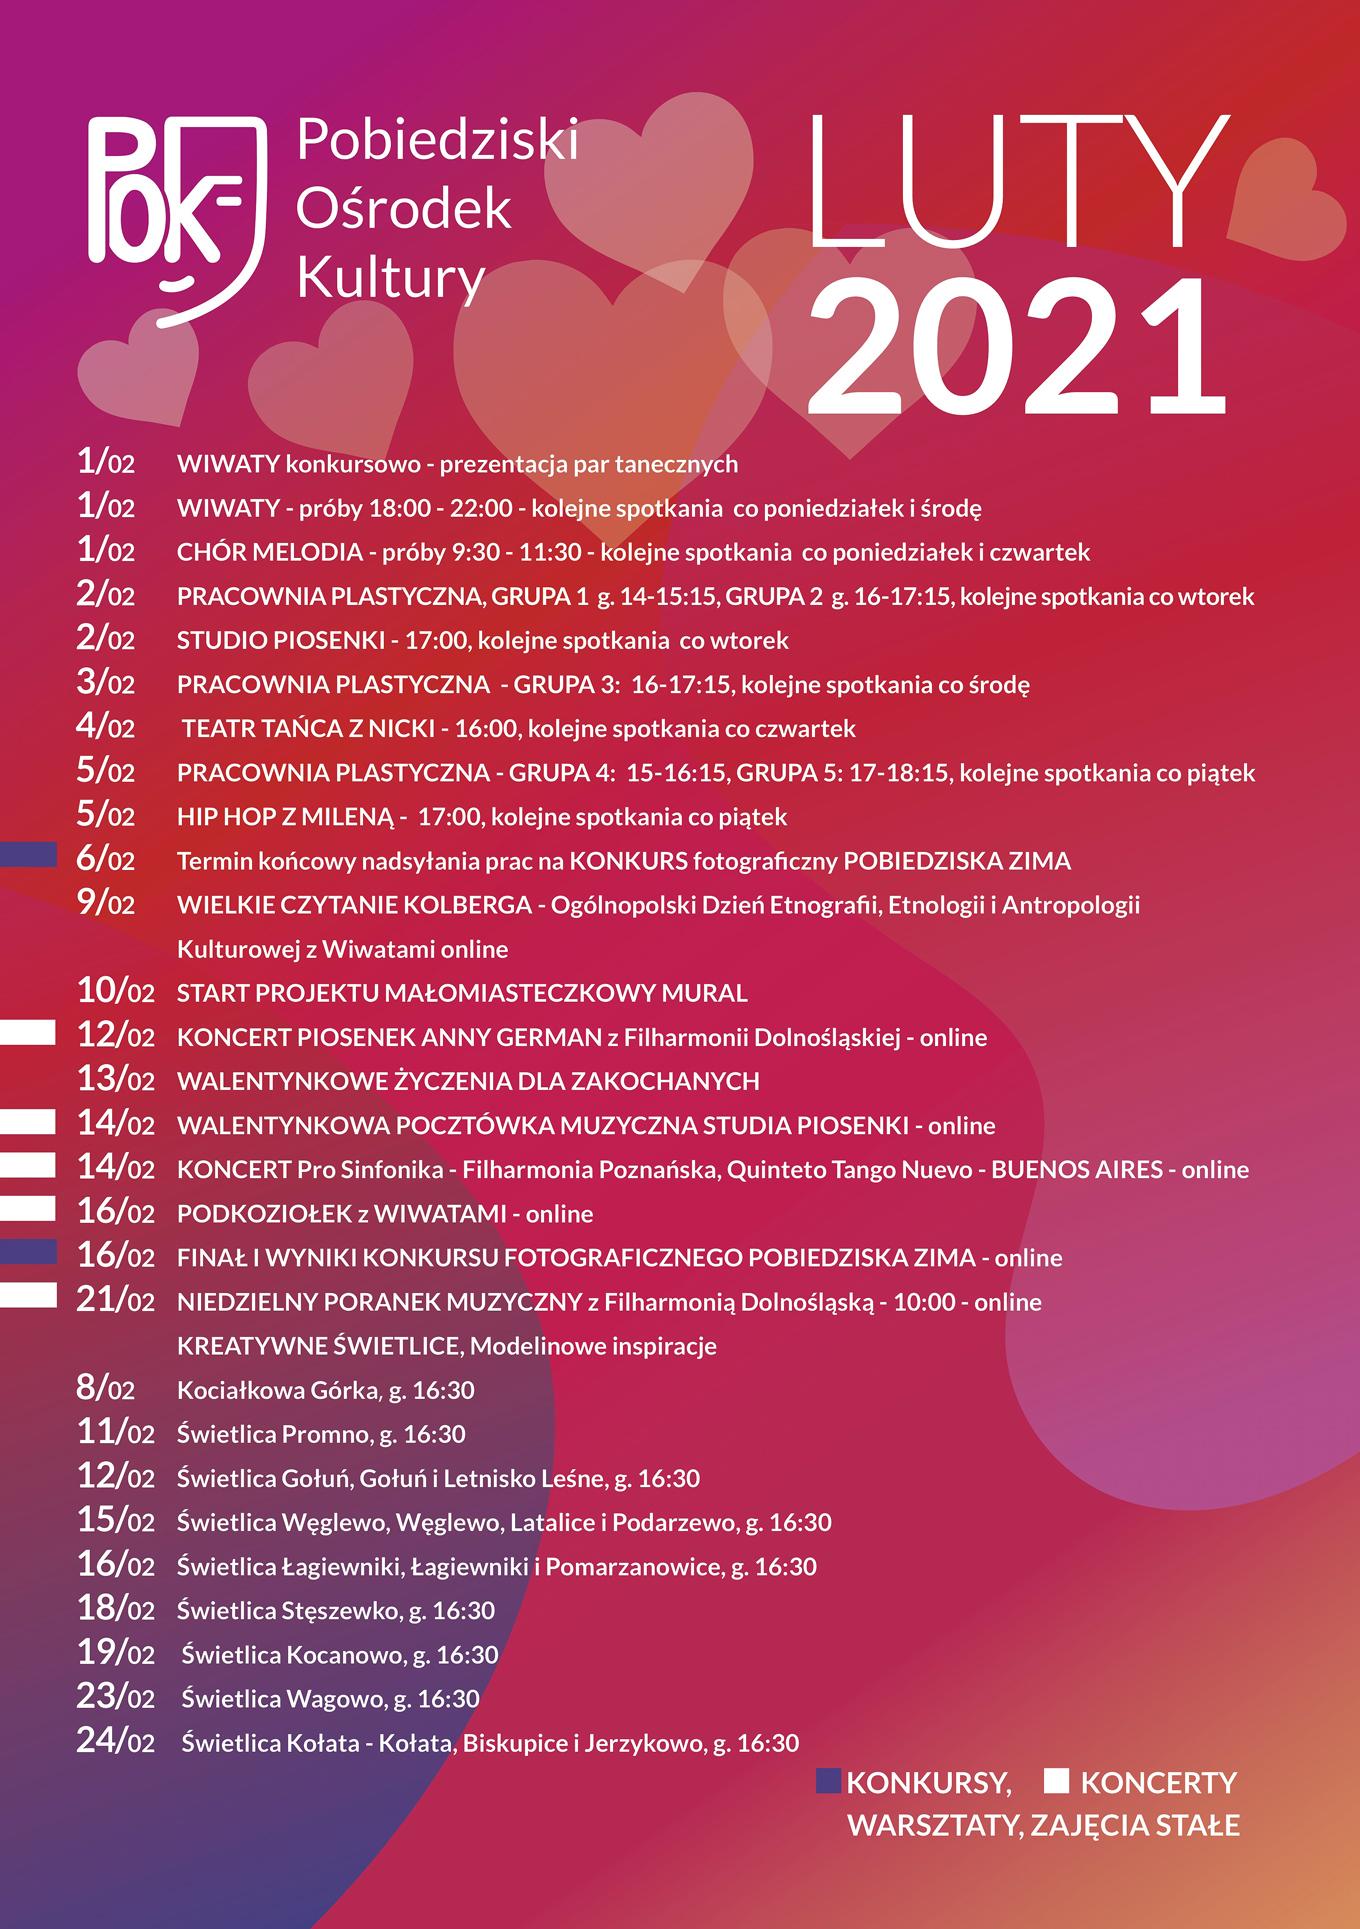 LUTY 2021